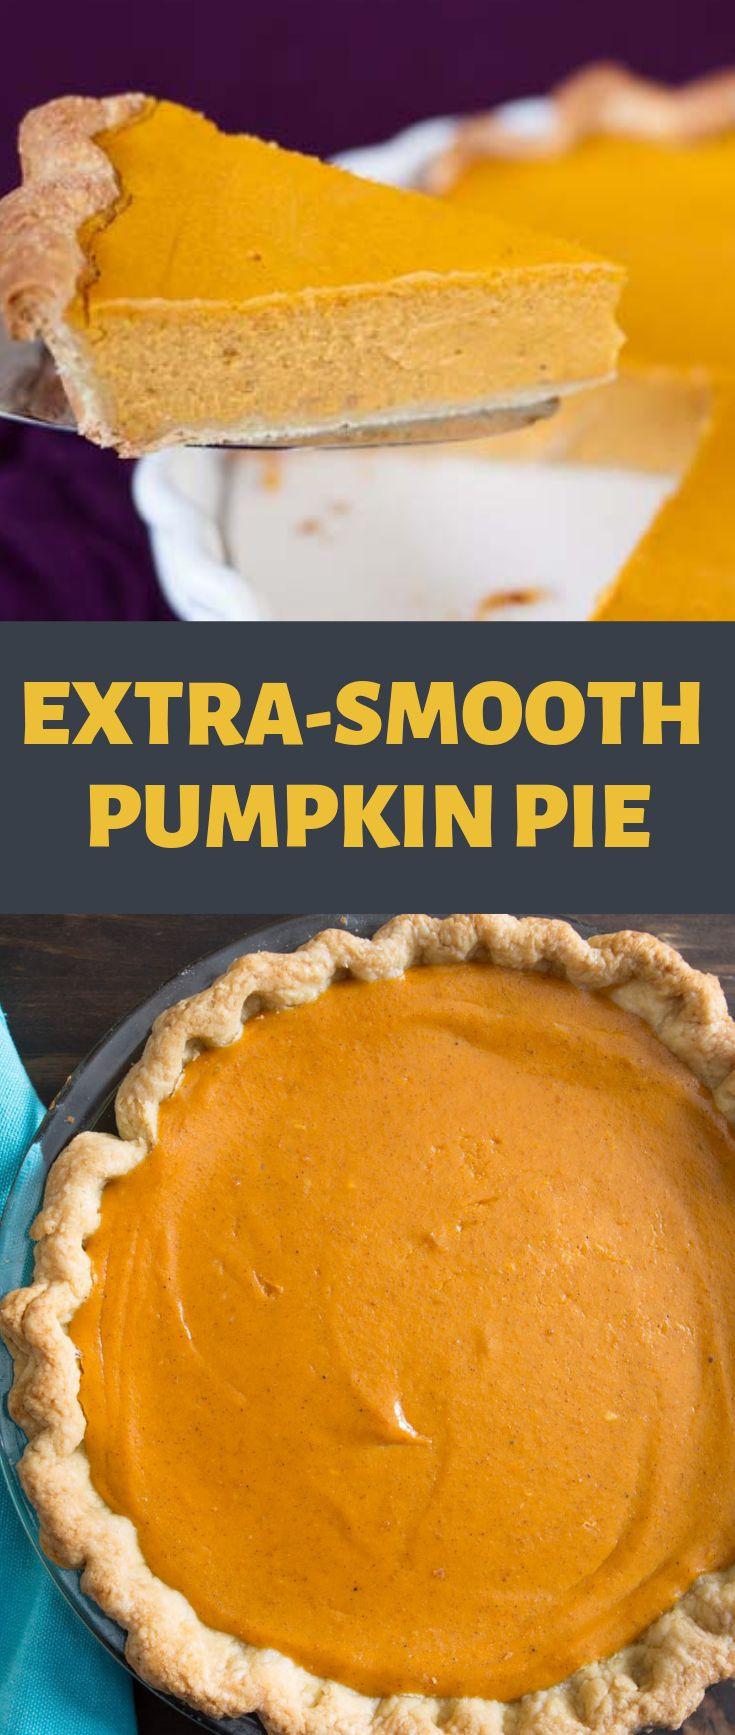 Popeyes Fried Turkey Thanksgiving 2019  Extra Smooth Pumpkin Pie Recipe in 2019